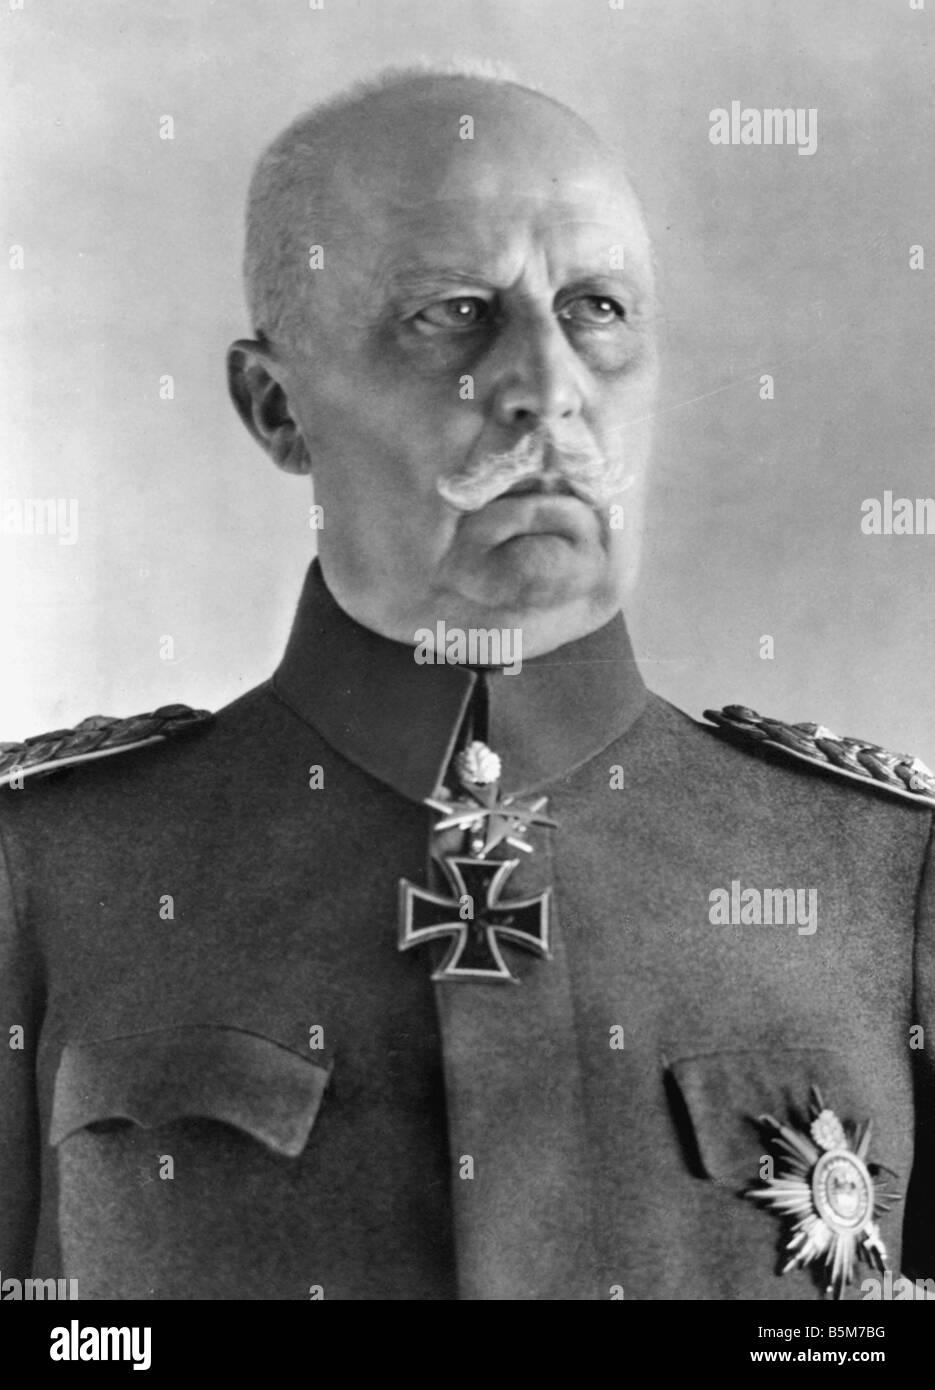 1 L67 B1930 1 Erich Ludendorff foto c 1930 Ludendorff Erich generale prussiano come 1916 1° Intendente generale Immagini Stock